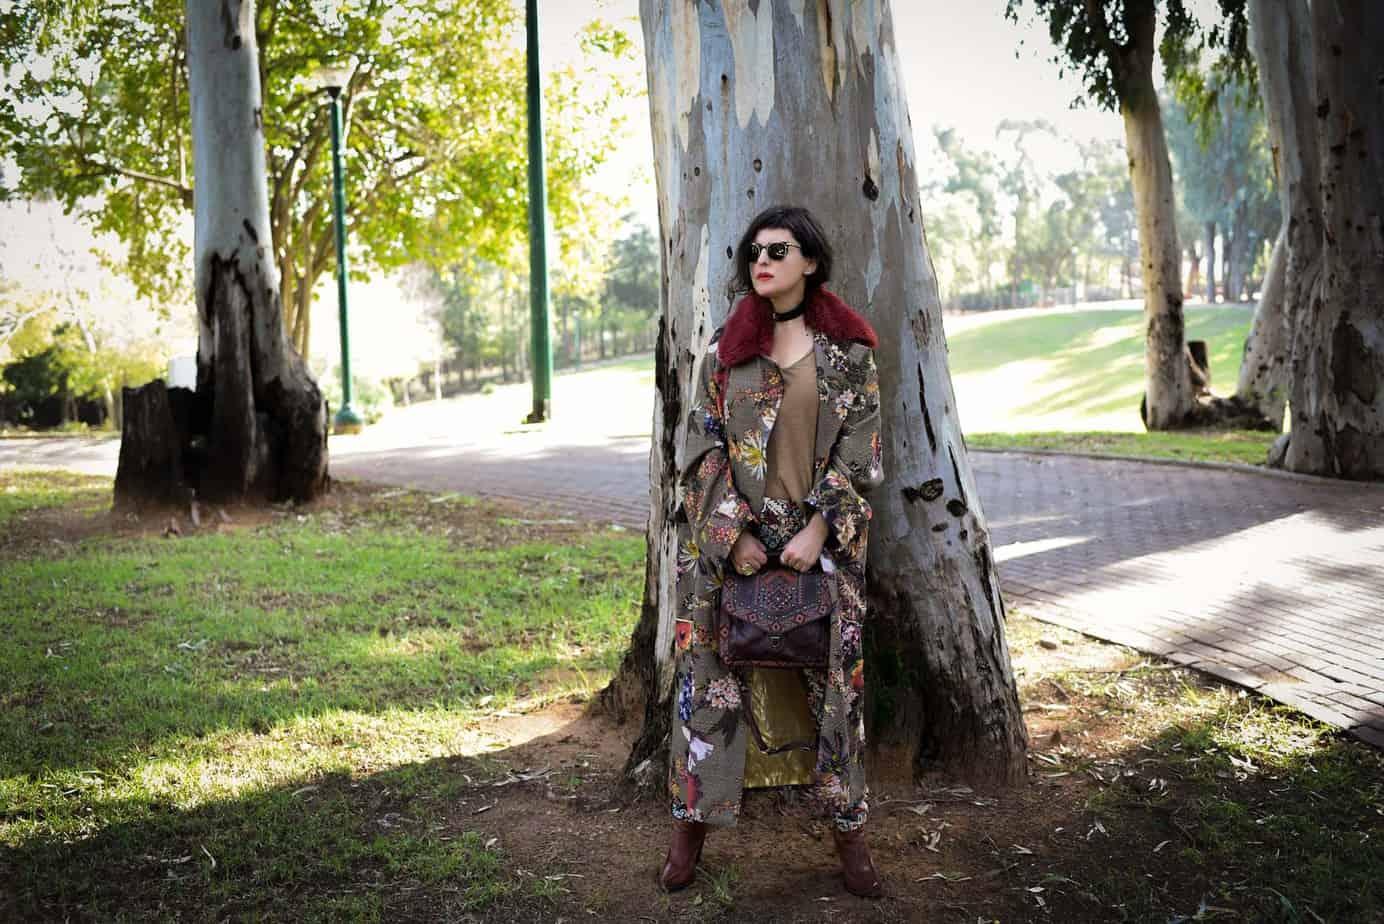 לארה רוסנובסקי, מעצבת אופנה, צילום לימור יערי - 36